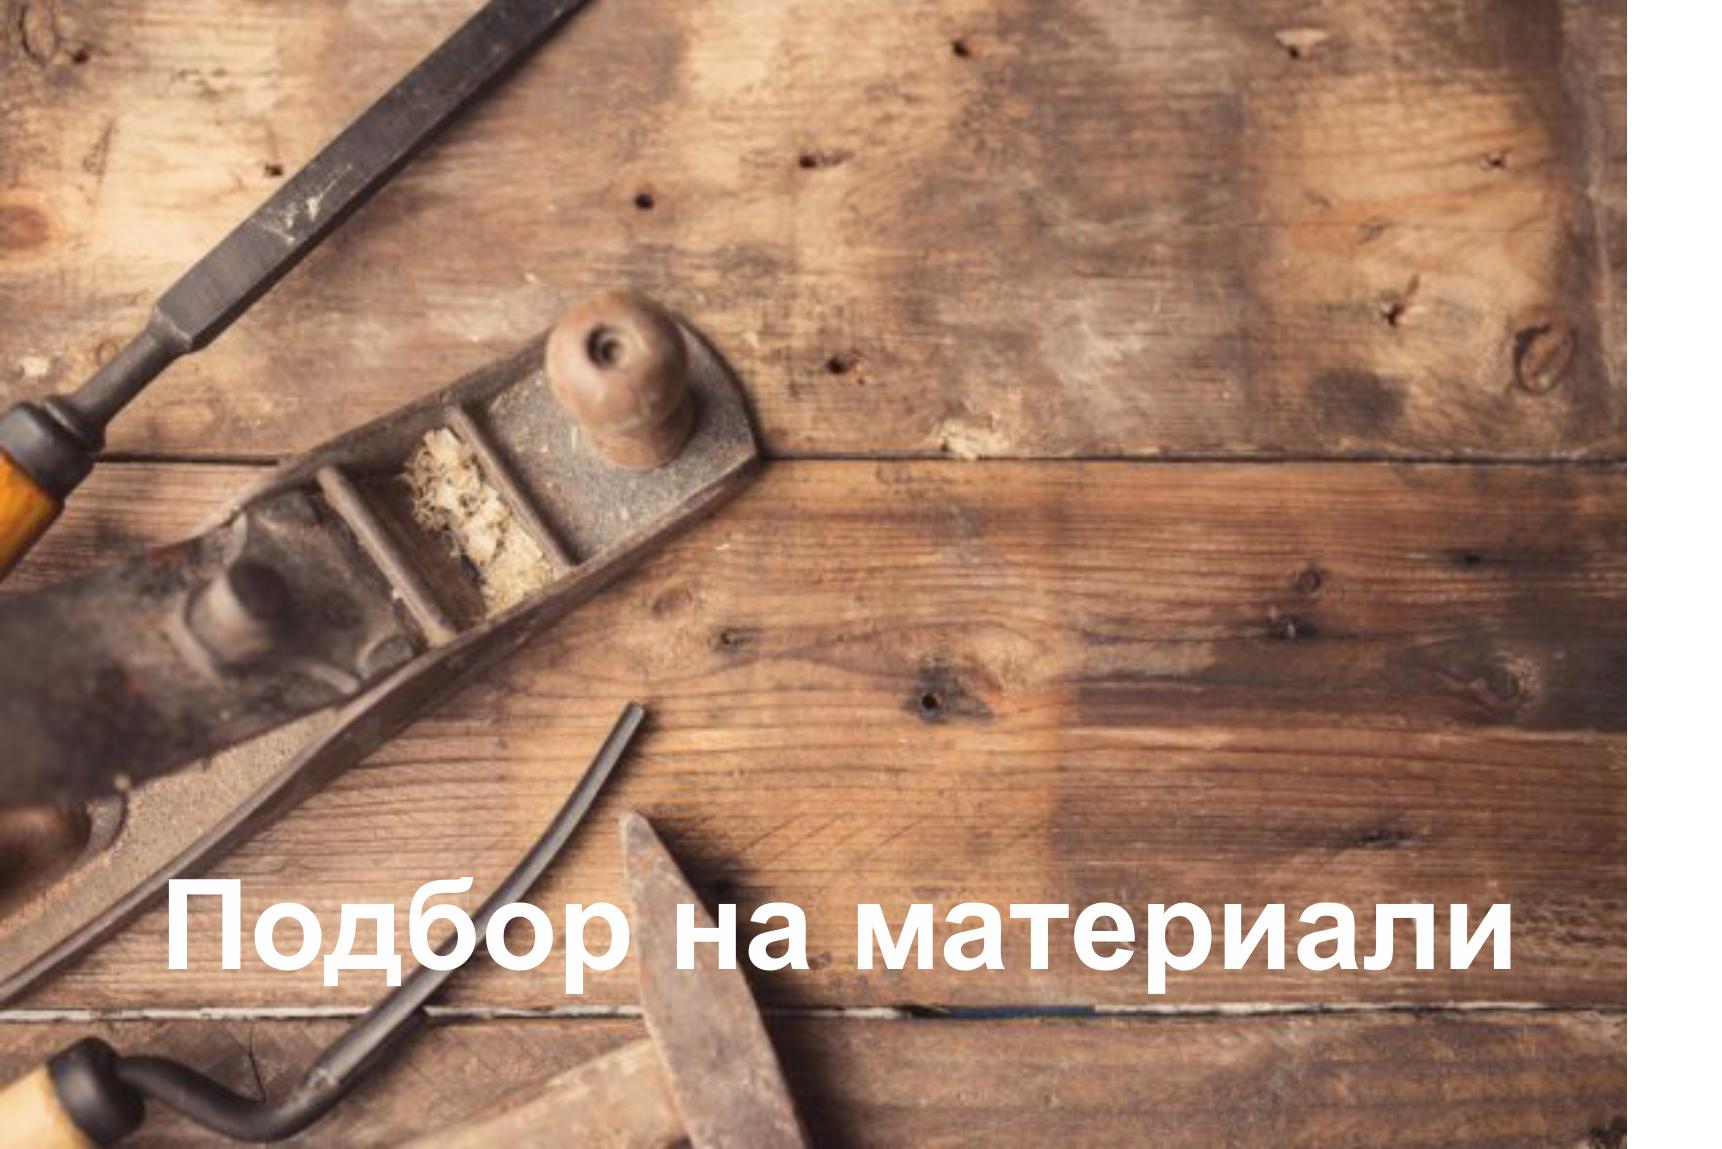 Дърводелски курсове